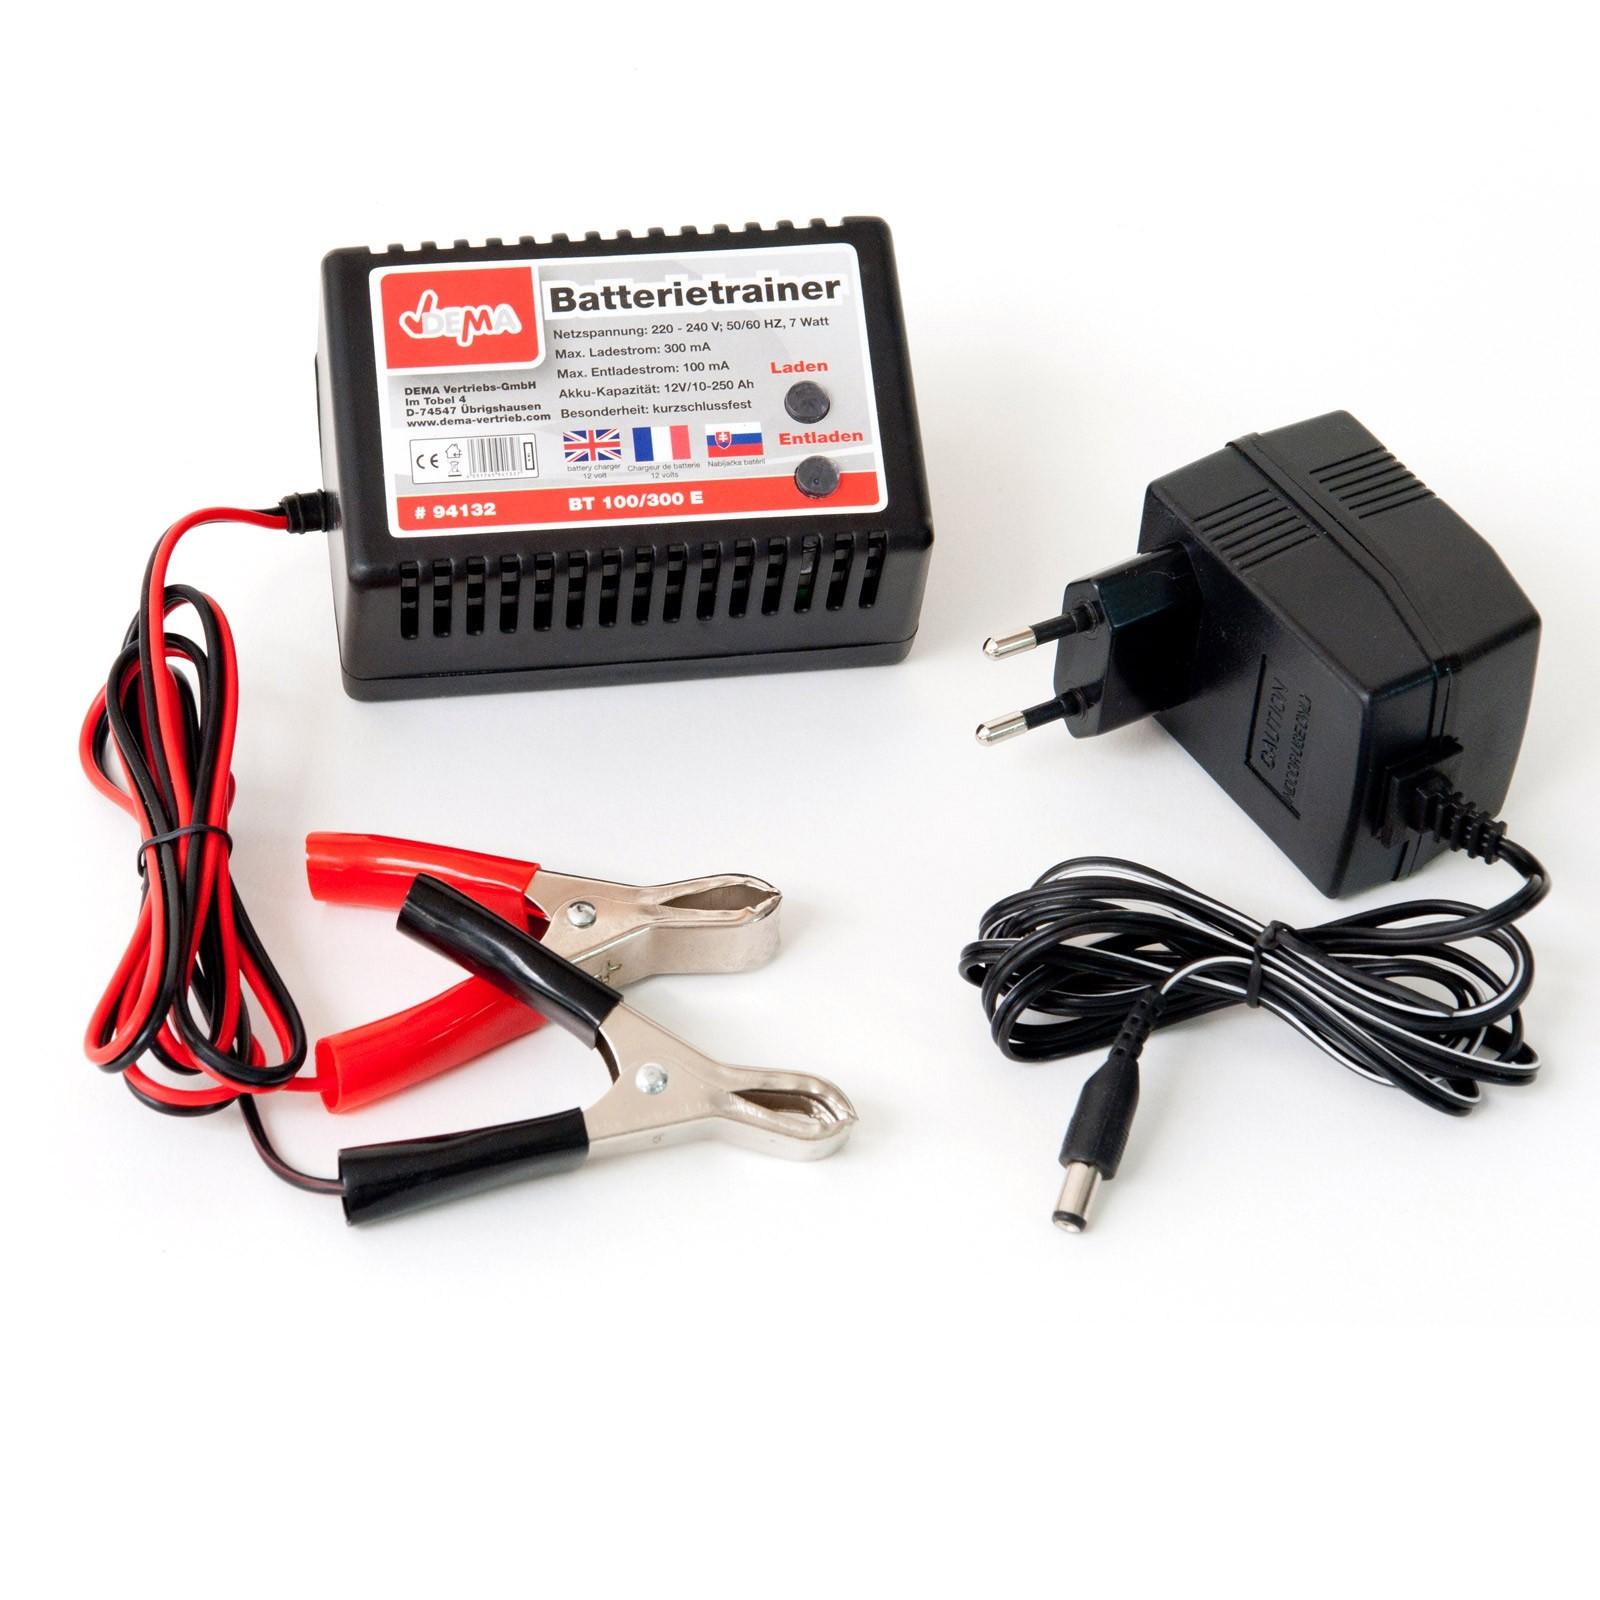 kfz batterietrainer batterielader f r 12 volt batterien. Black Bedroom Furniture Sets. Home Design Ideas